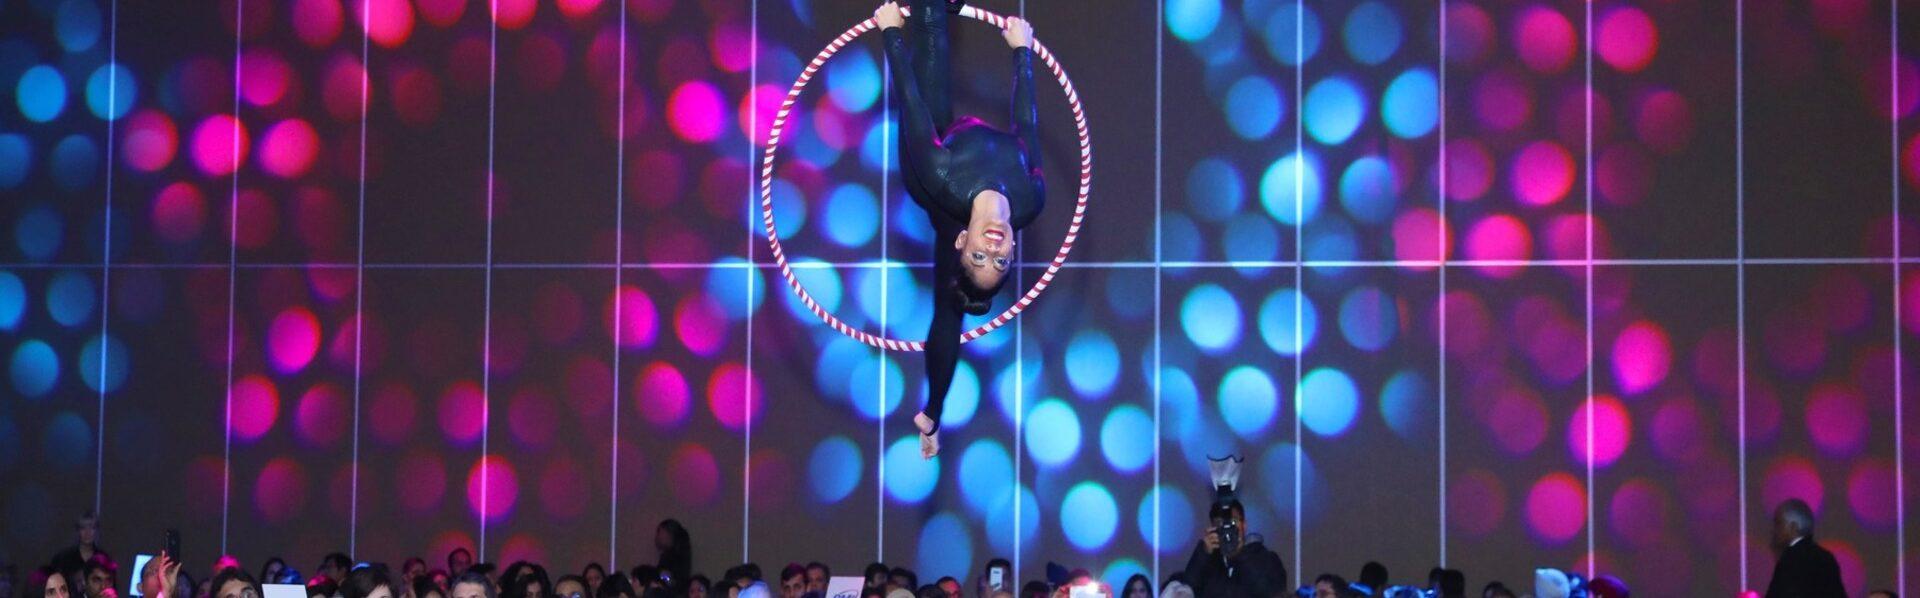 Arial Hoop Dancer